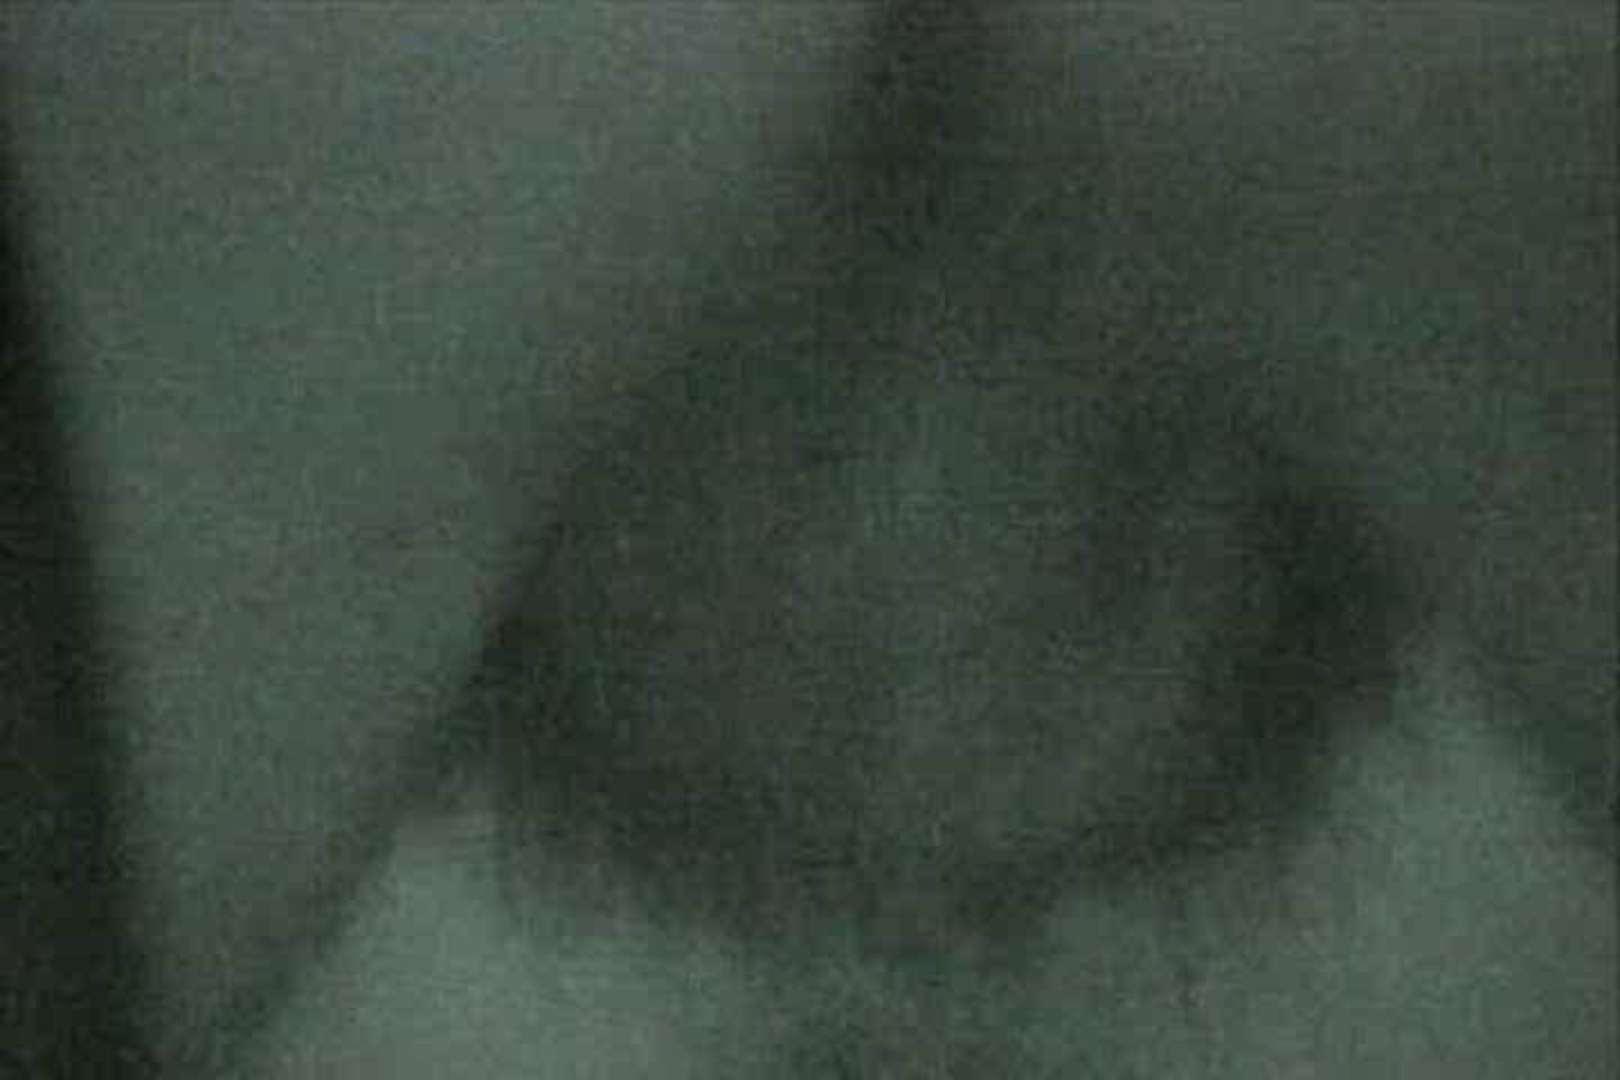 蔵出し!!赤外線カーセックスVol.2 カーセックス おめこ無修正動画無料 101pic 34